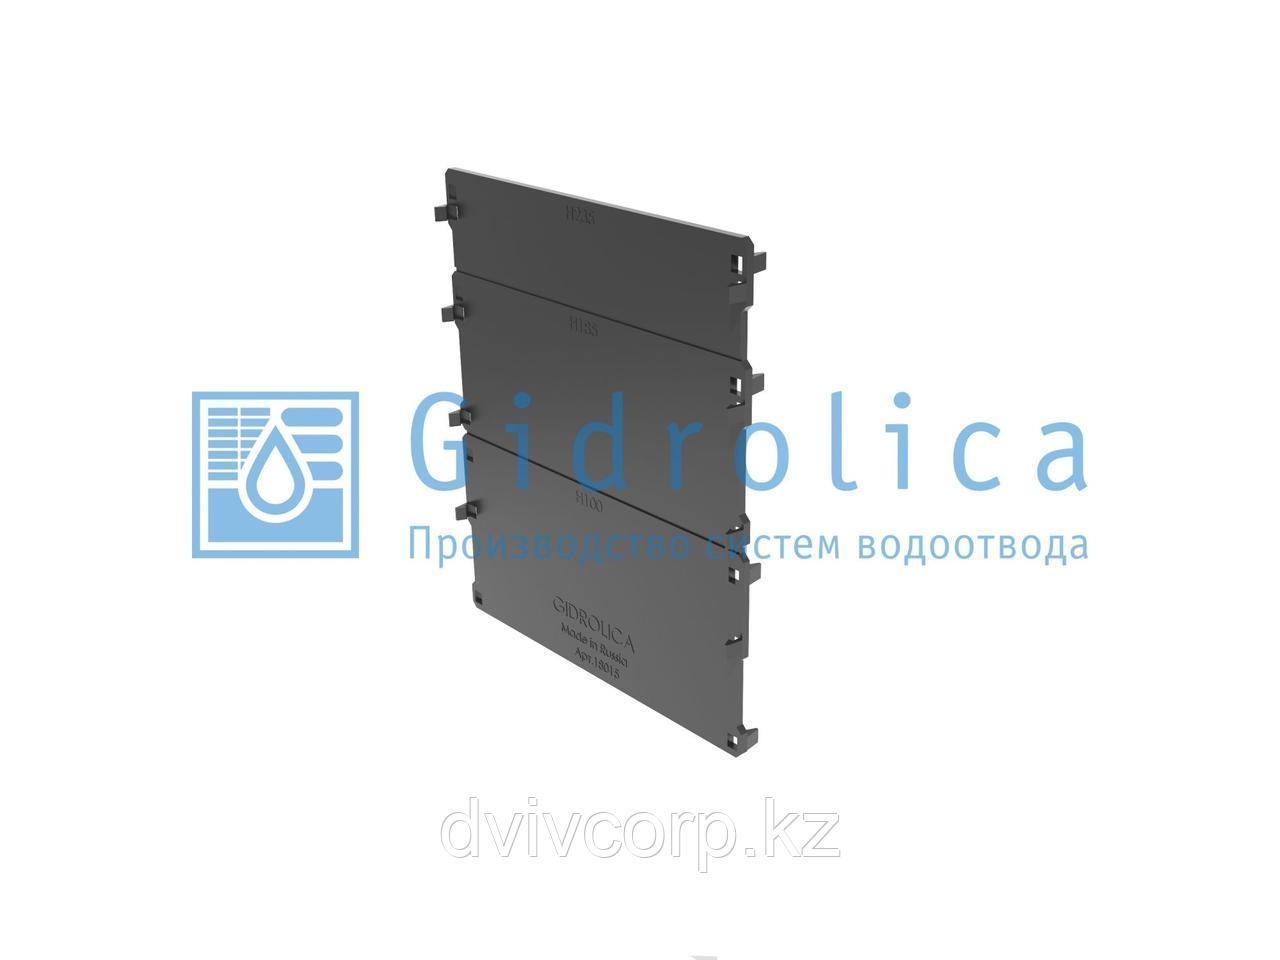 Арт. 18151 Торцевая заглушка для лотка водоотводного Gidrolica Standart DN150 - пластиковая